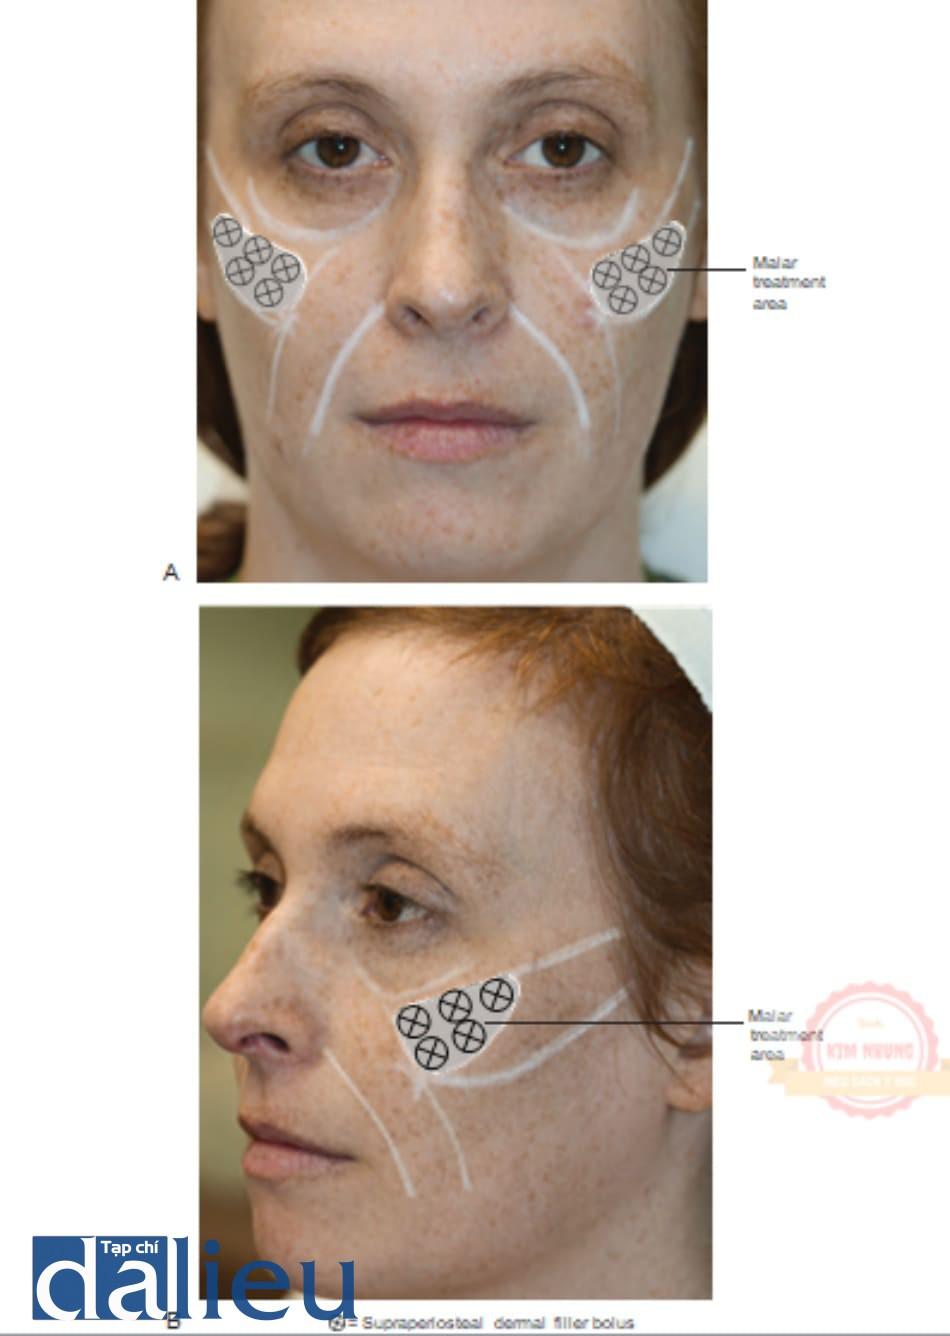 Hình 5 ●. Tổng quan các mũi tiêm chất làm đầy cho việc bơm môi được quan sát trực diện (A) và bên (B).